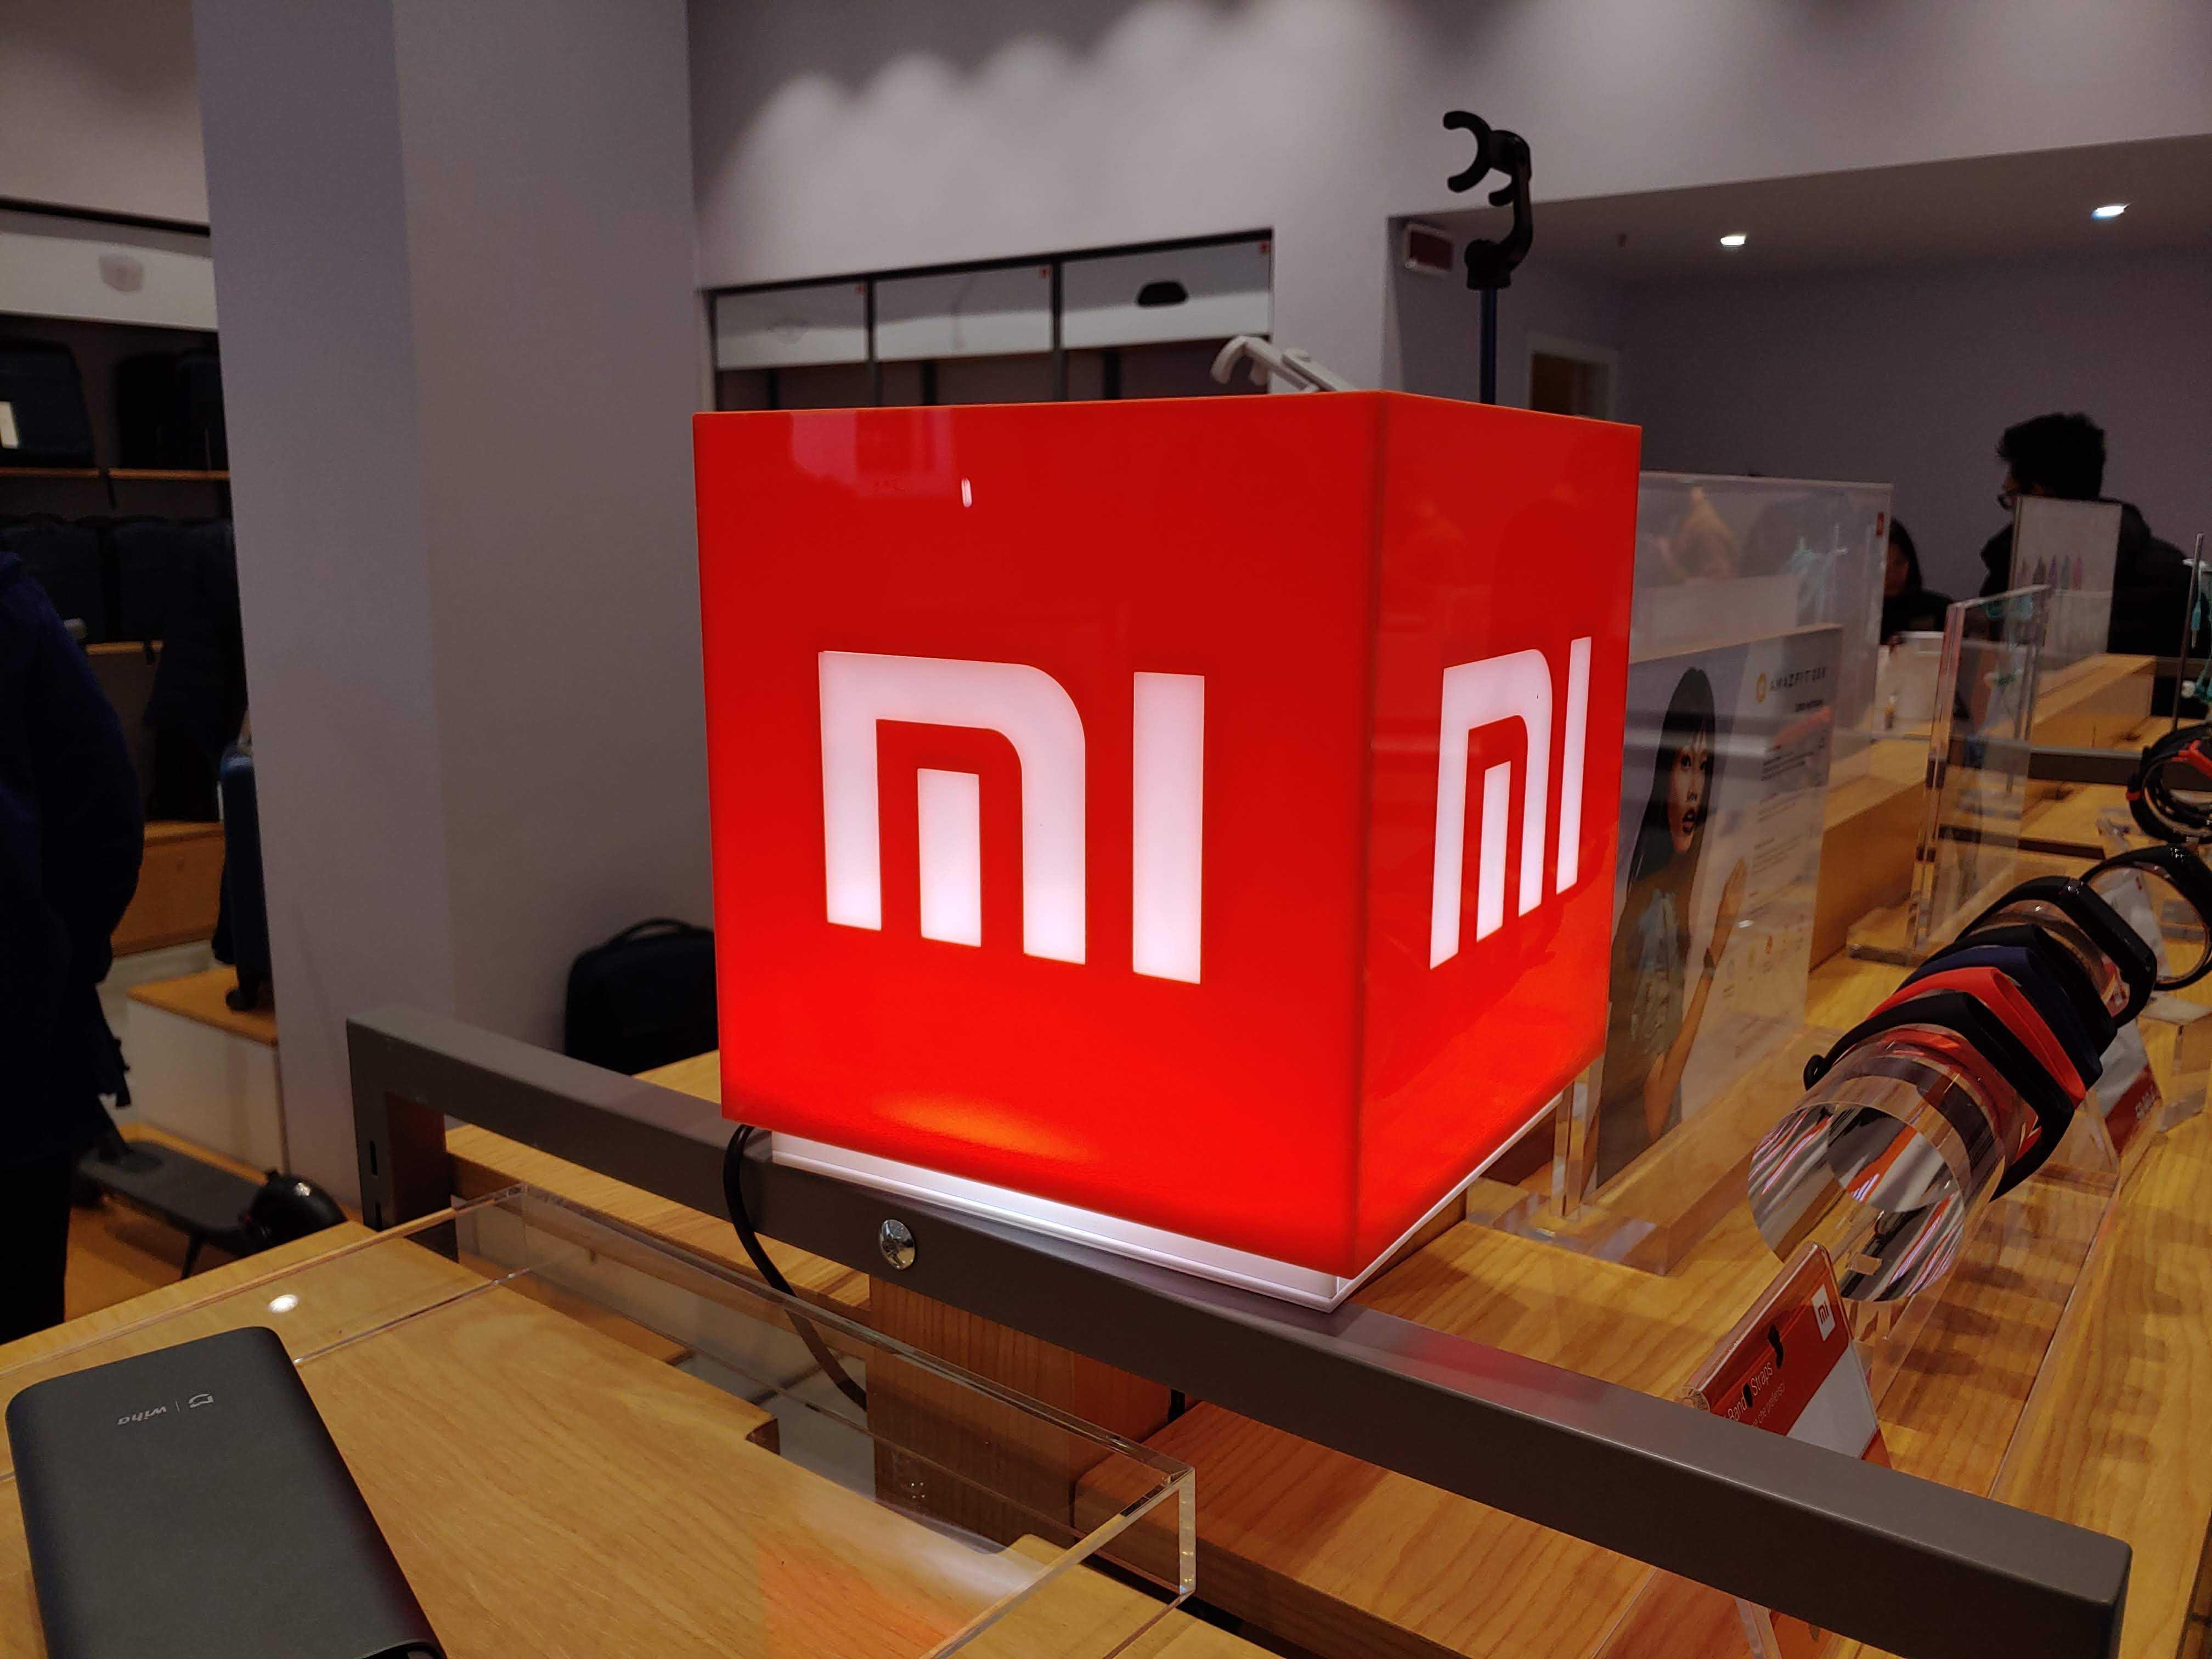 Mi Mural TV: Xiaomis ultradünner Fernseher wird zum Gemälde